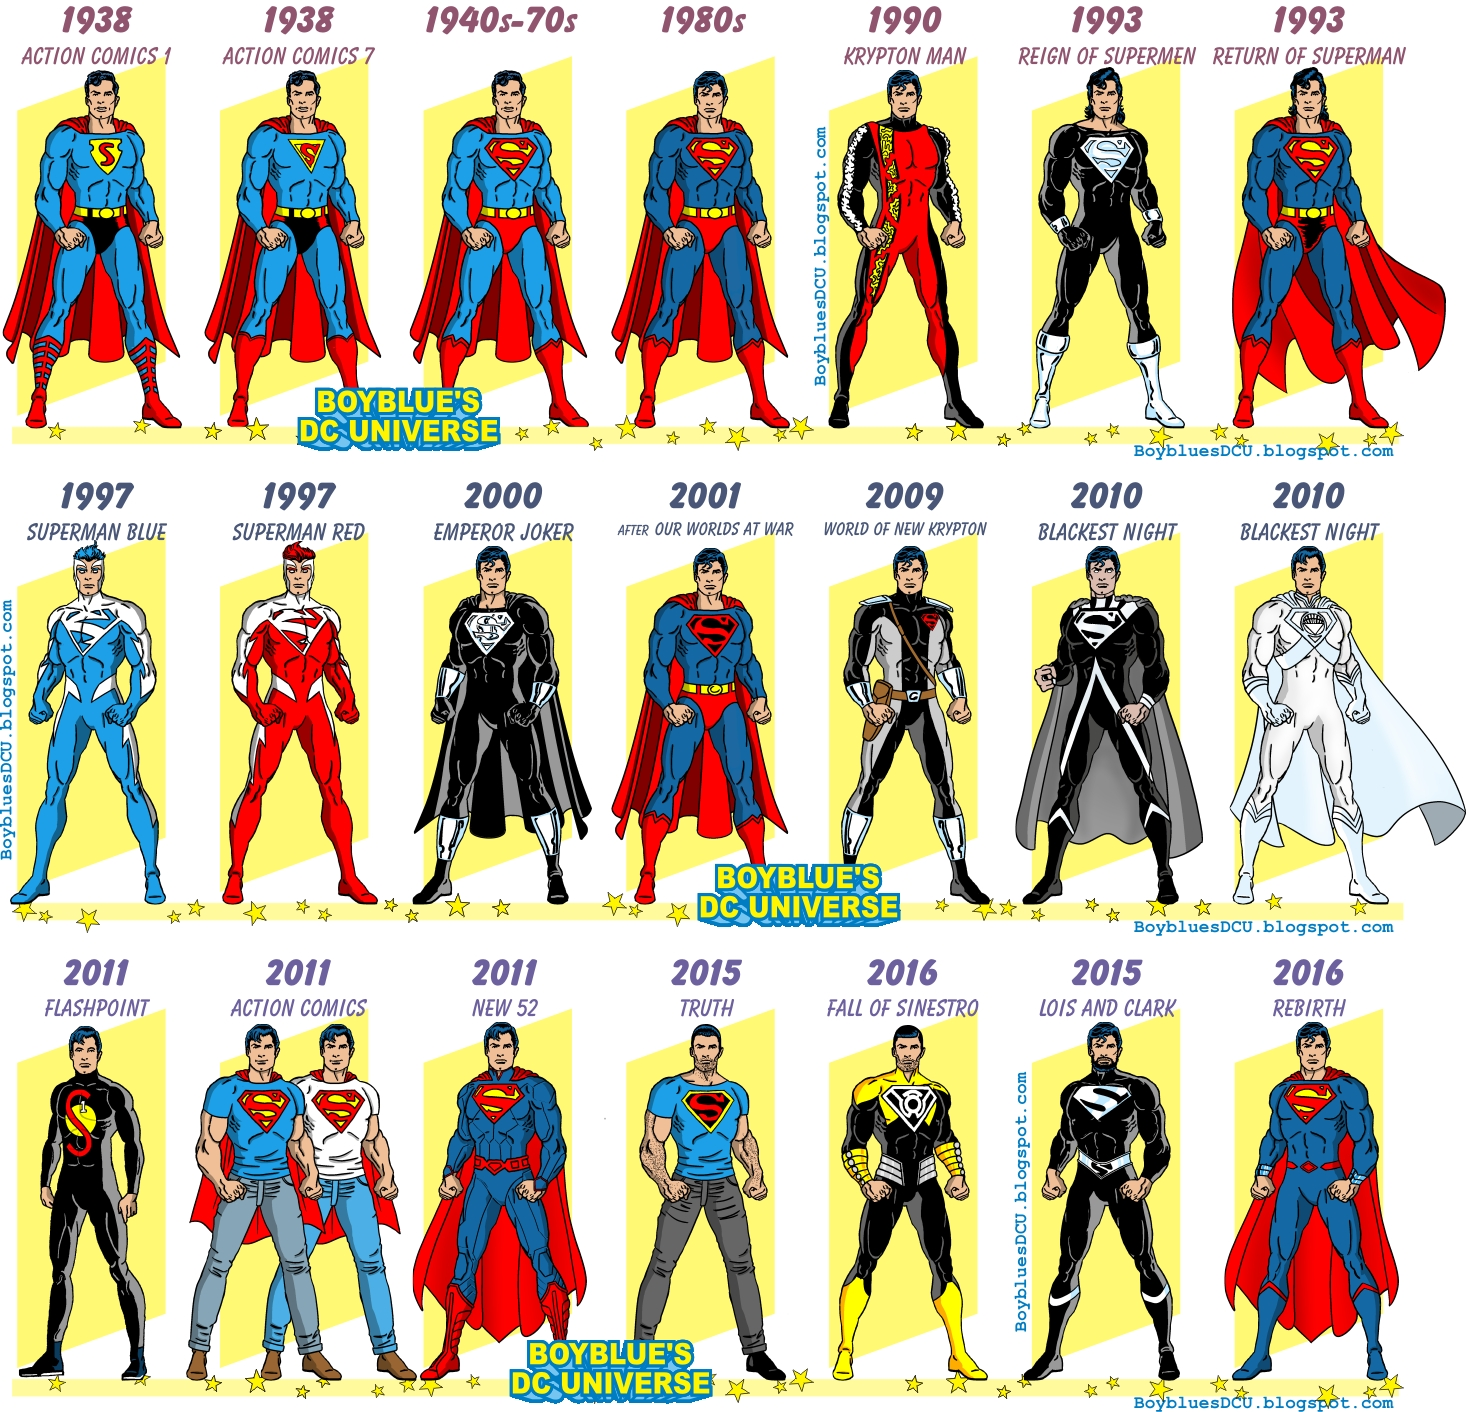 The history of Superman (Clark Kent/Kal-El) by BoybluesDCU